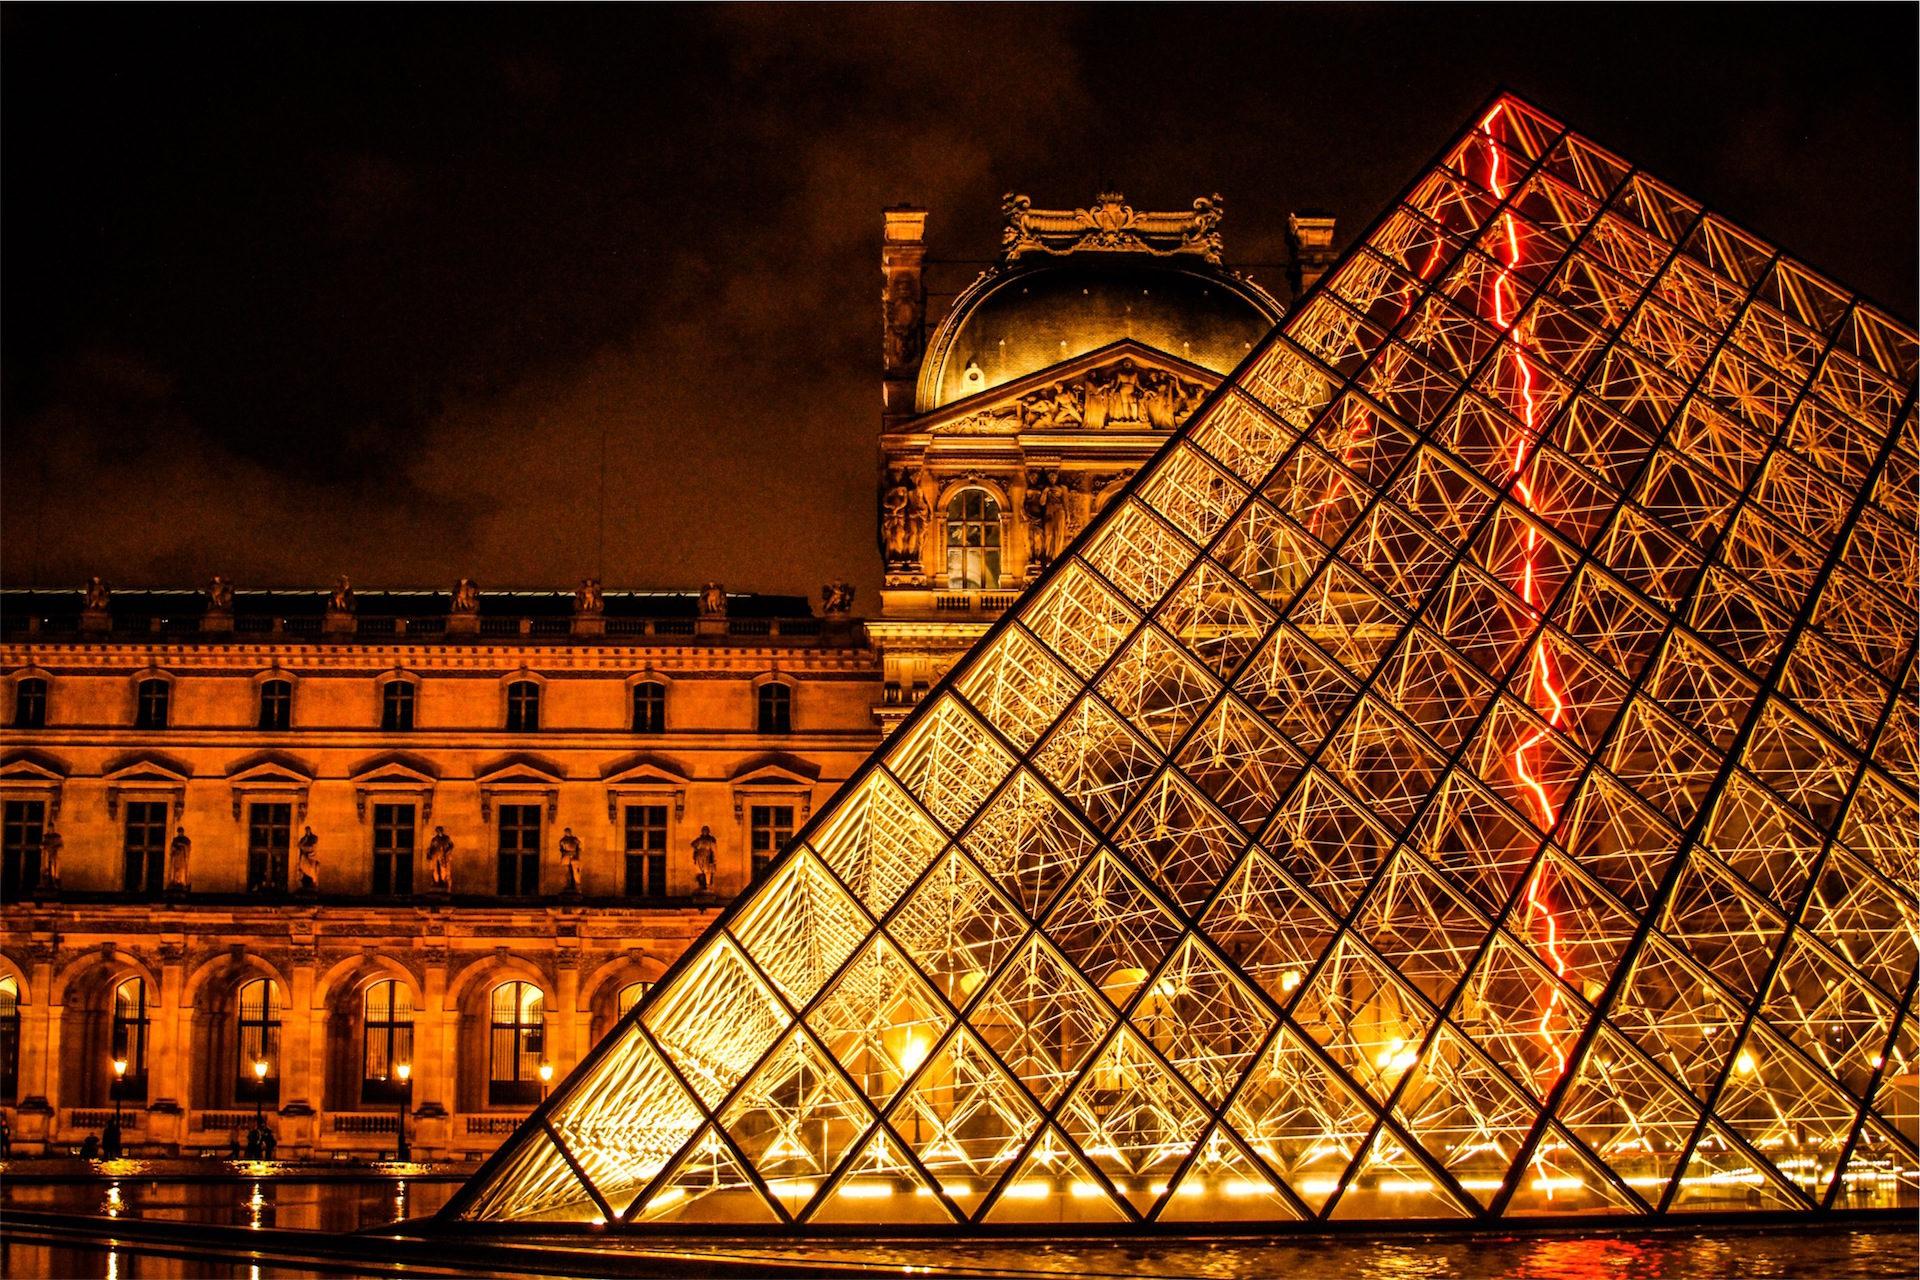 ピラミッド, ルーブル美術館, 博物館, パリ, フランス - HD の壁紙 - 教授-falken.com